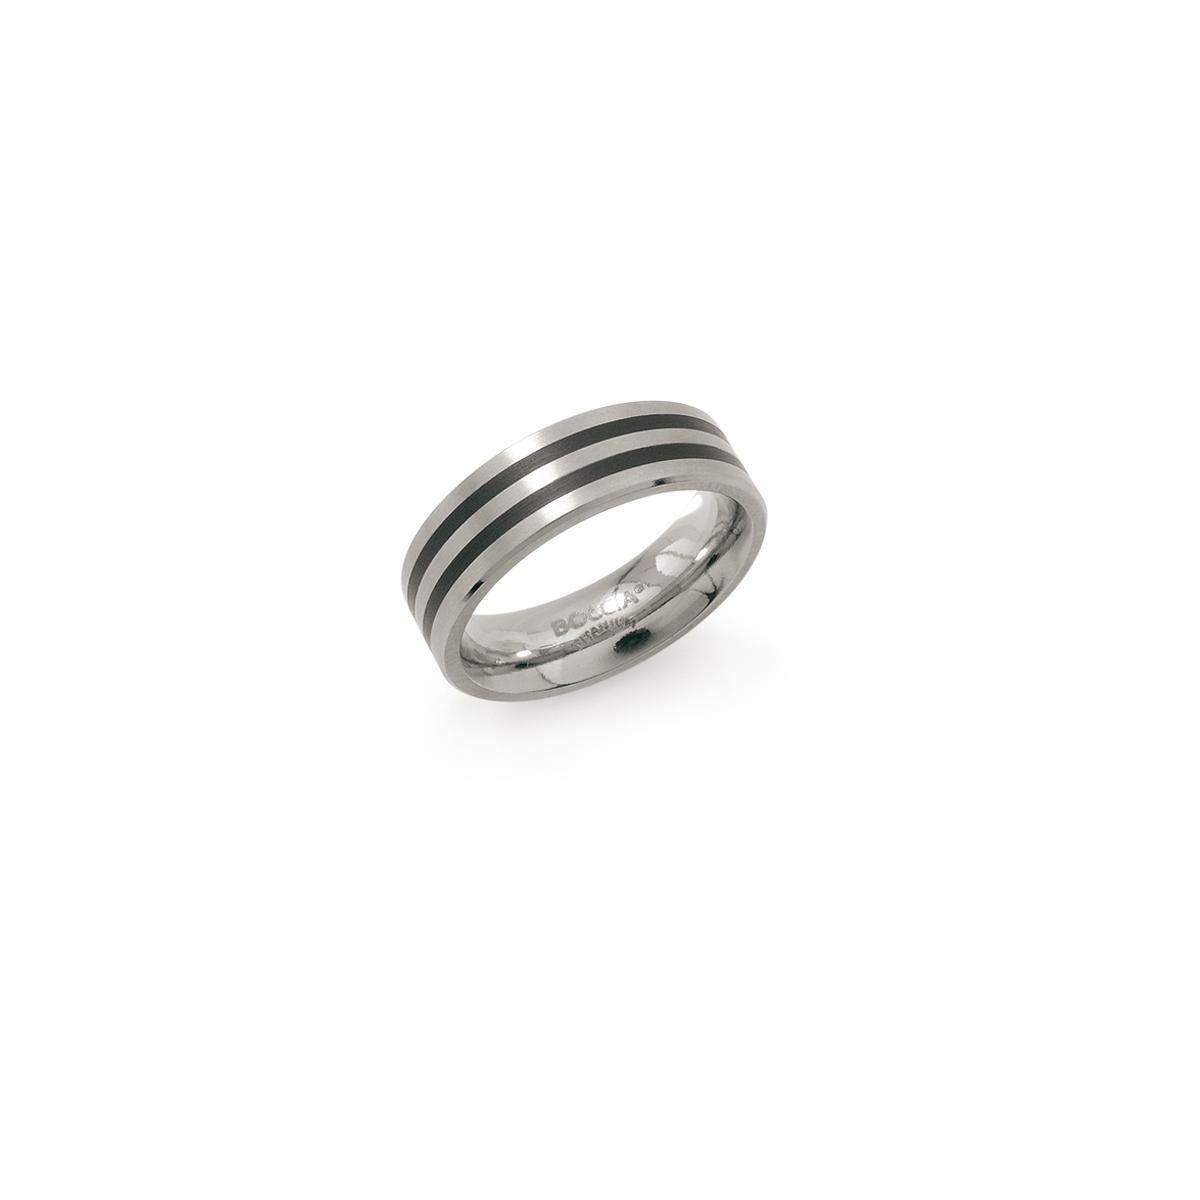 Boccia 0101 1754 Ring Titanium Emaille Zilverkleurig Maat 54